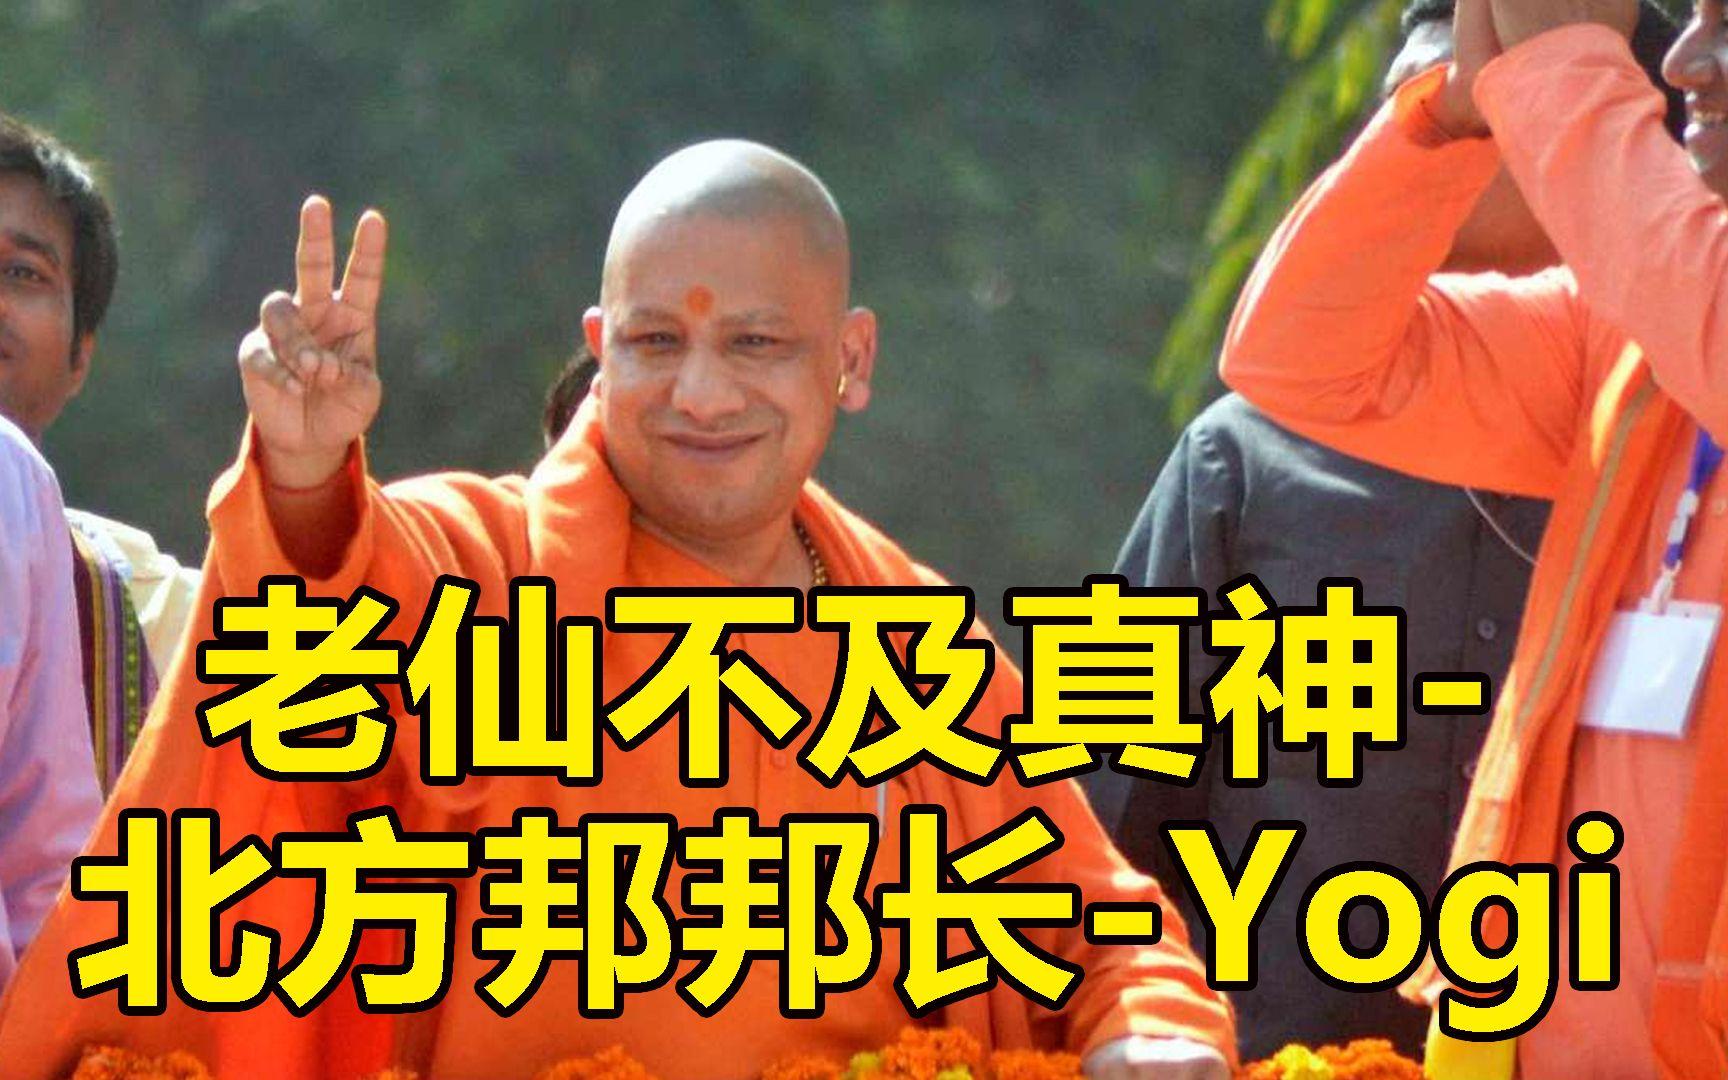 真正的印度你想象不到-印度真神北方邦邦长Yogi